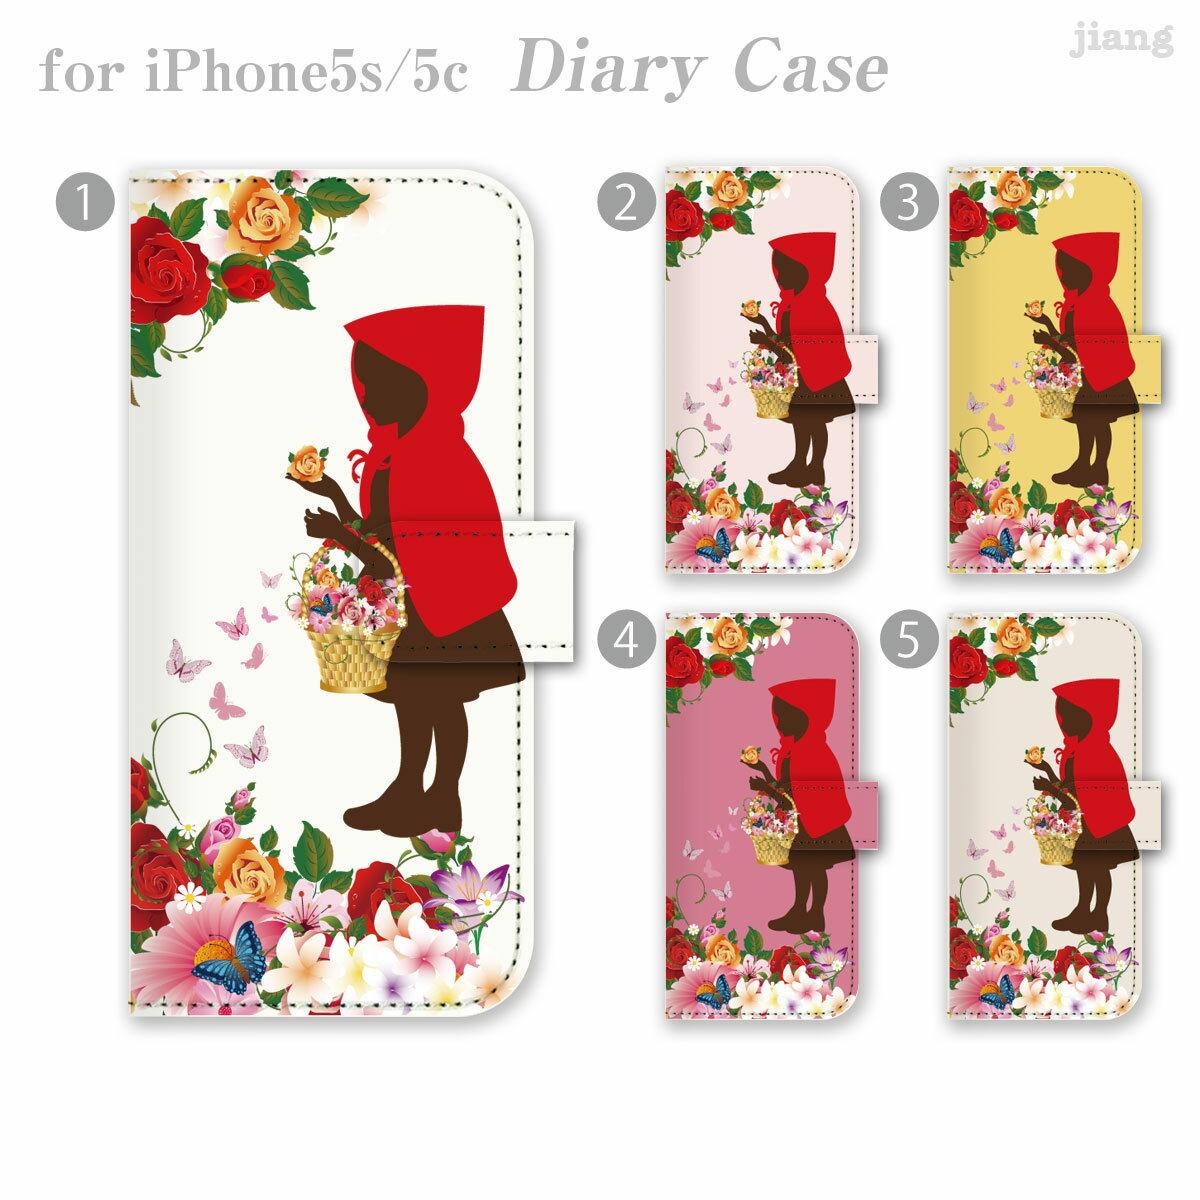 スマホケース 手帳型 全機種対応 手帳 ケース カバー iPhone7ケース iPhone7 iPhone6s iPhone6 Plus iPhone SE iPhone5s Xperia XZ SO-01J X Performance SO-04H Z5 Z4 Z3 SO-02H SOV34 かわいい おしゃれ きれい 赤ずきん 08-ip5-ds0100fb-zen2